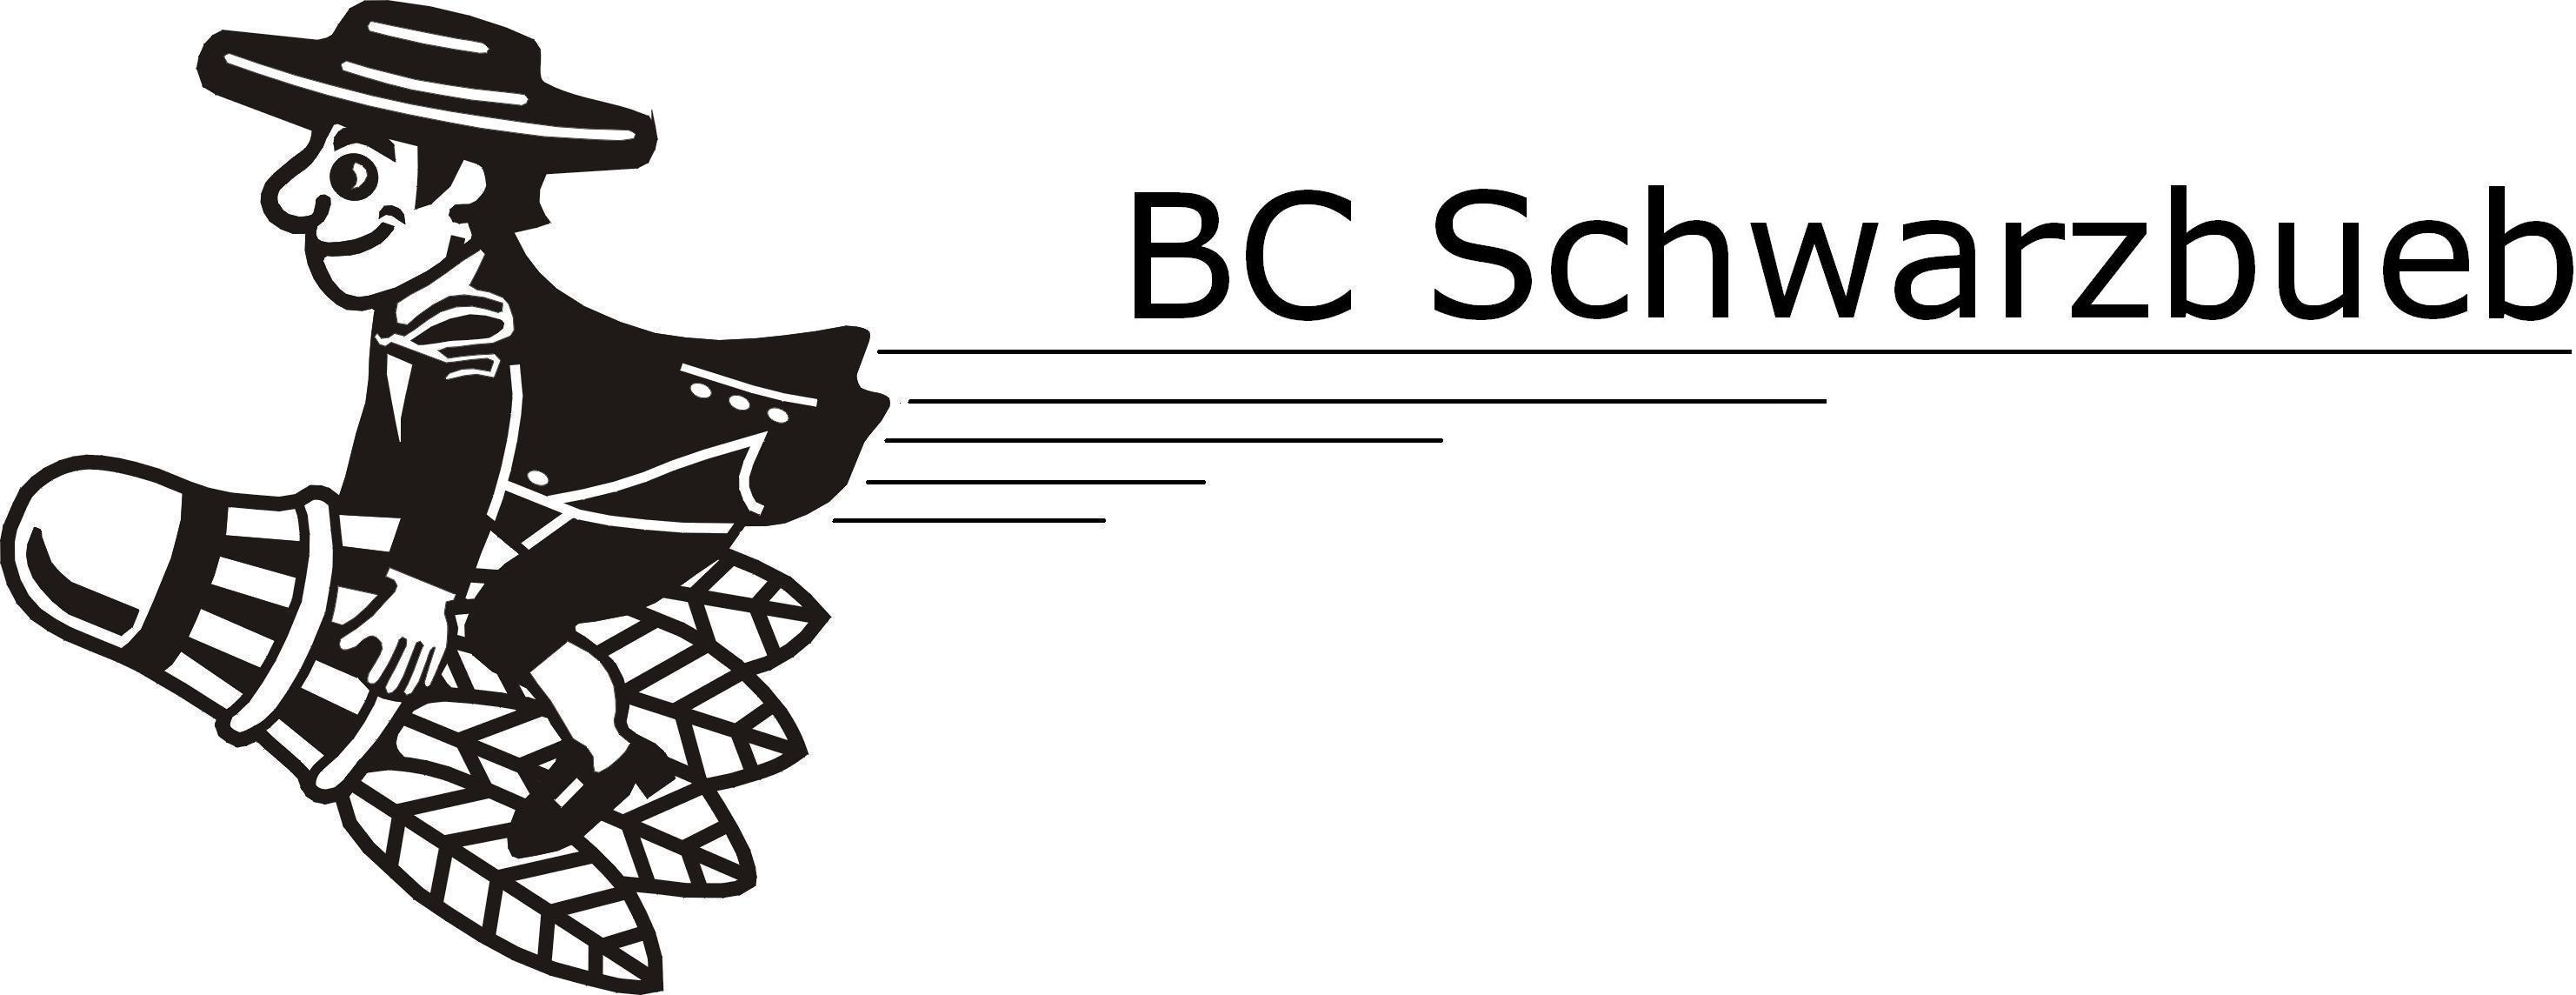 BC Schwarzbueb